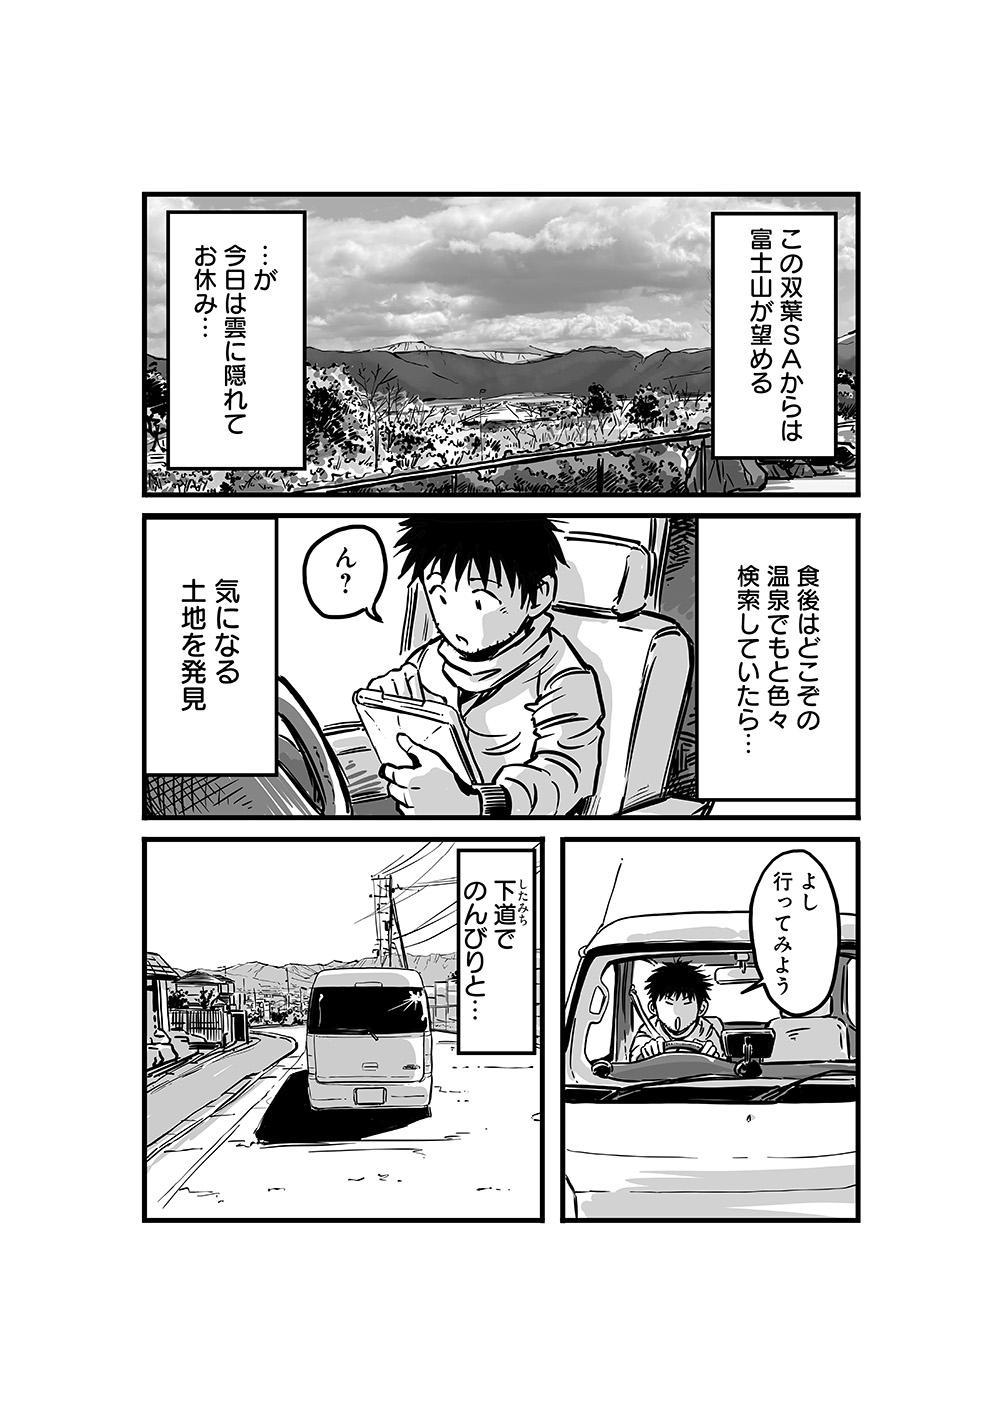 車中泊_15話 2.JPG